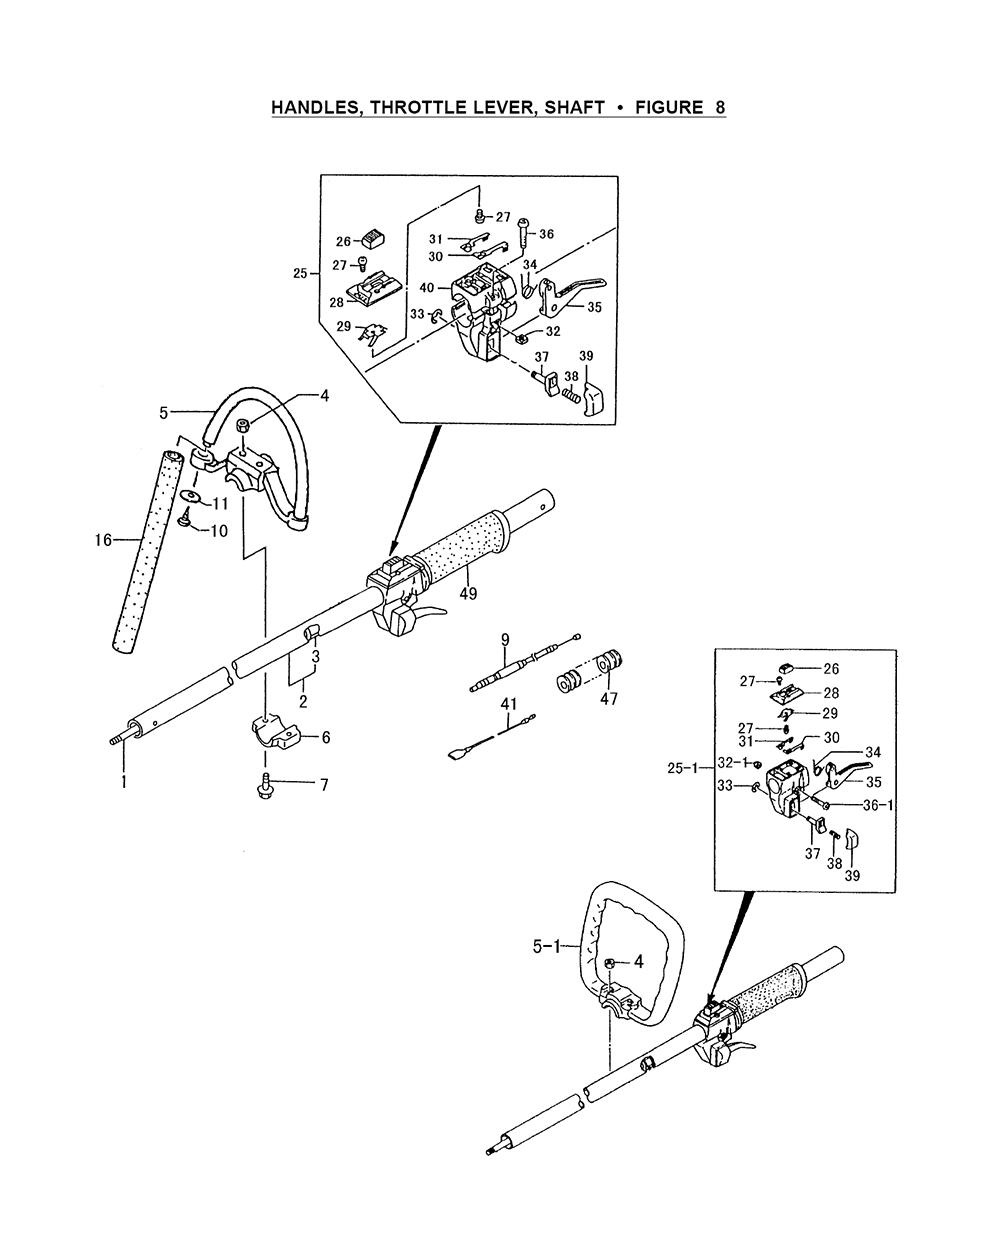 TBC-2510-Tanaka-PB-7Break Down